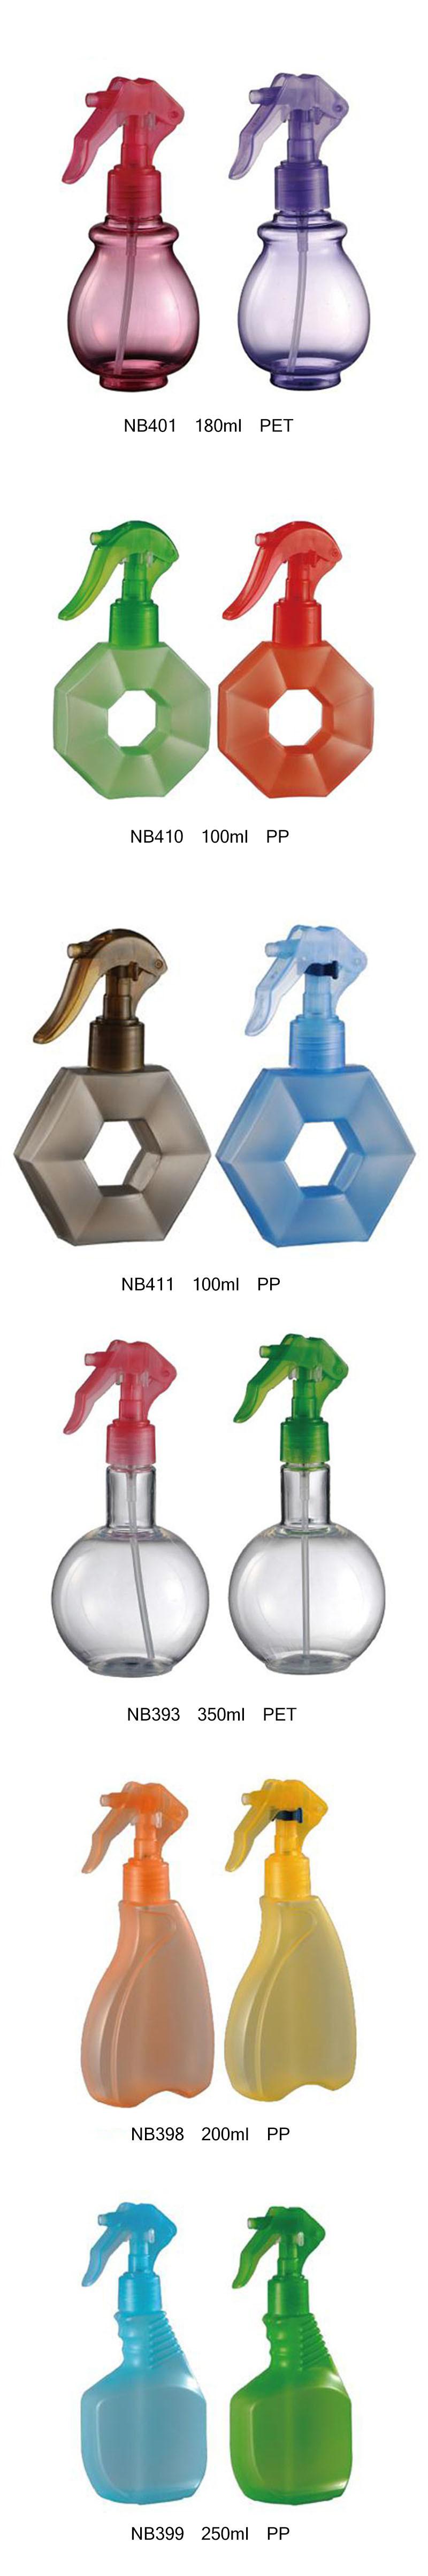 Plastic Pet Trigger Sprayer Bottle for Household Cleaning (NB393)